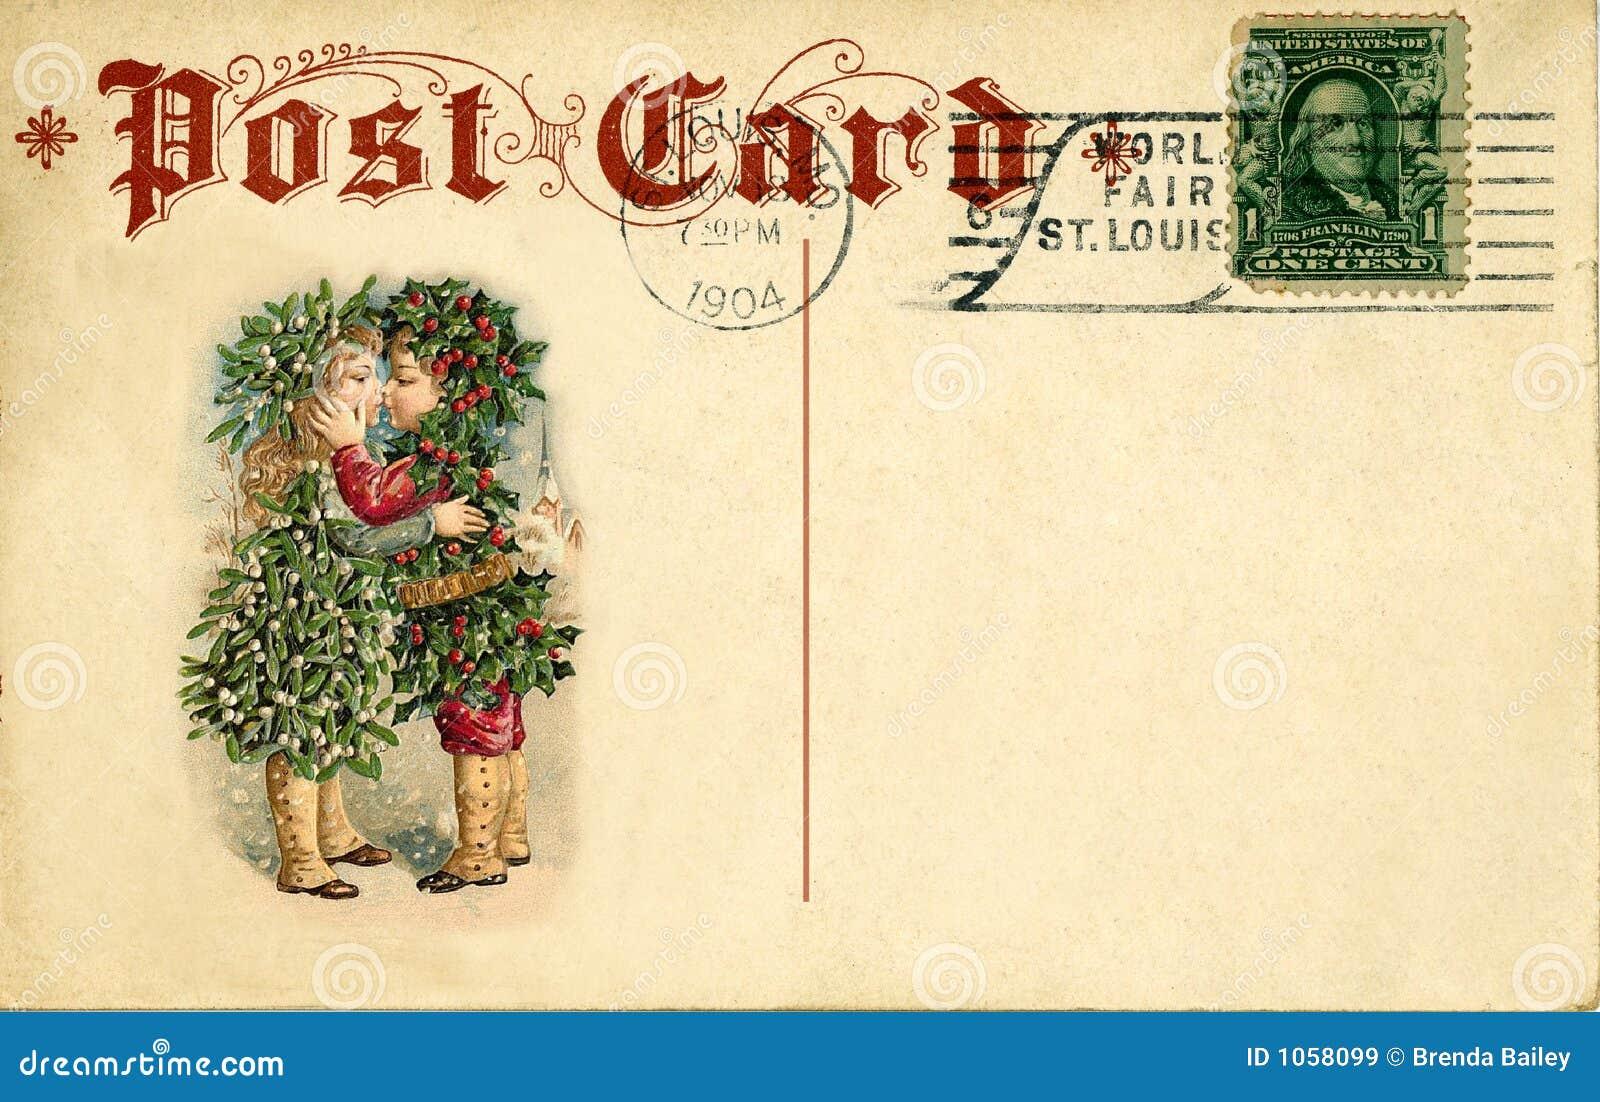 Natale Antico Immagini.Natale Antico Della Cartolina Immagine Stock Immagine Di